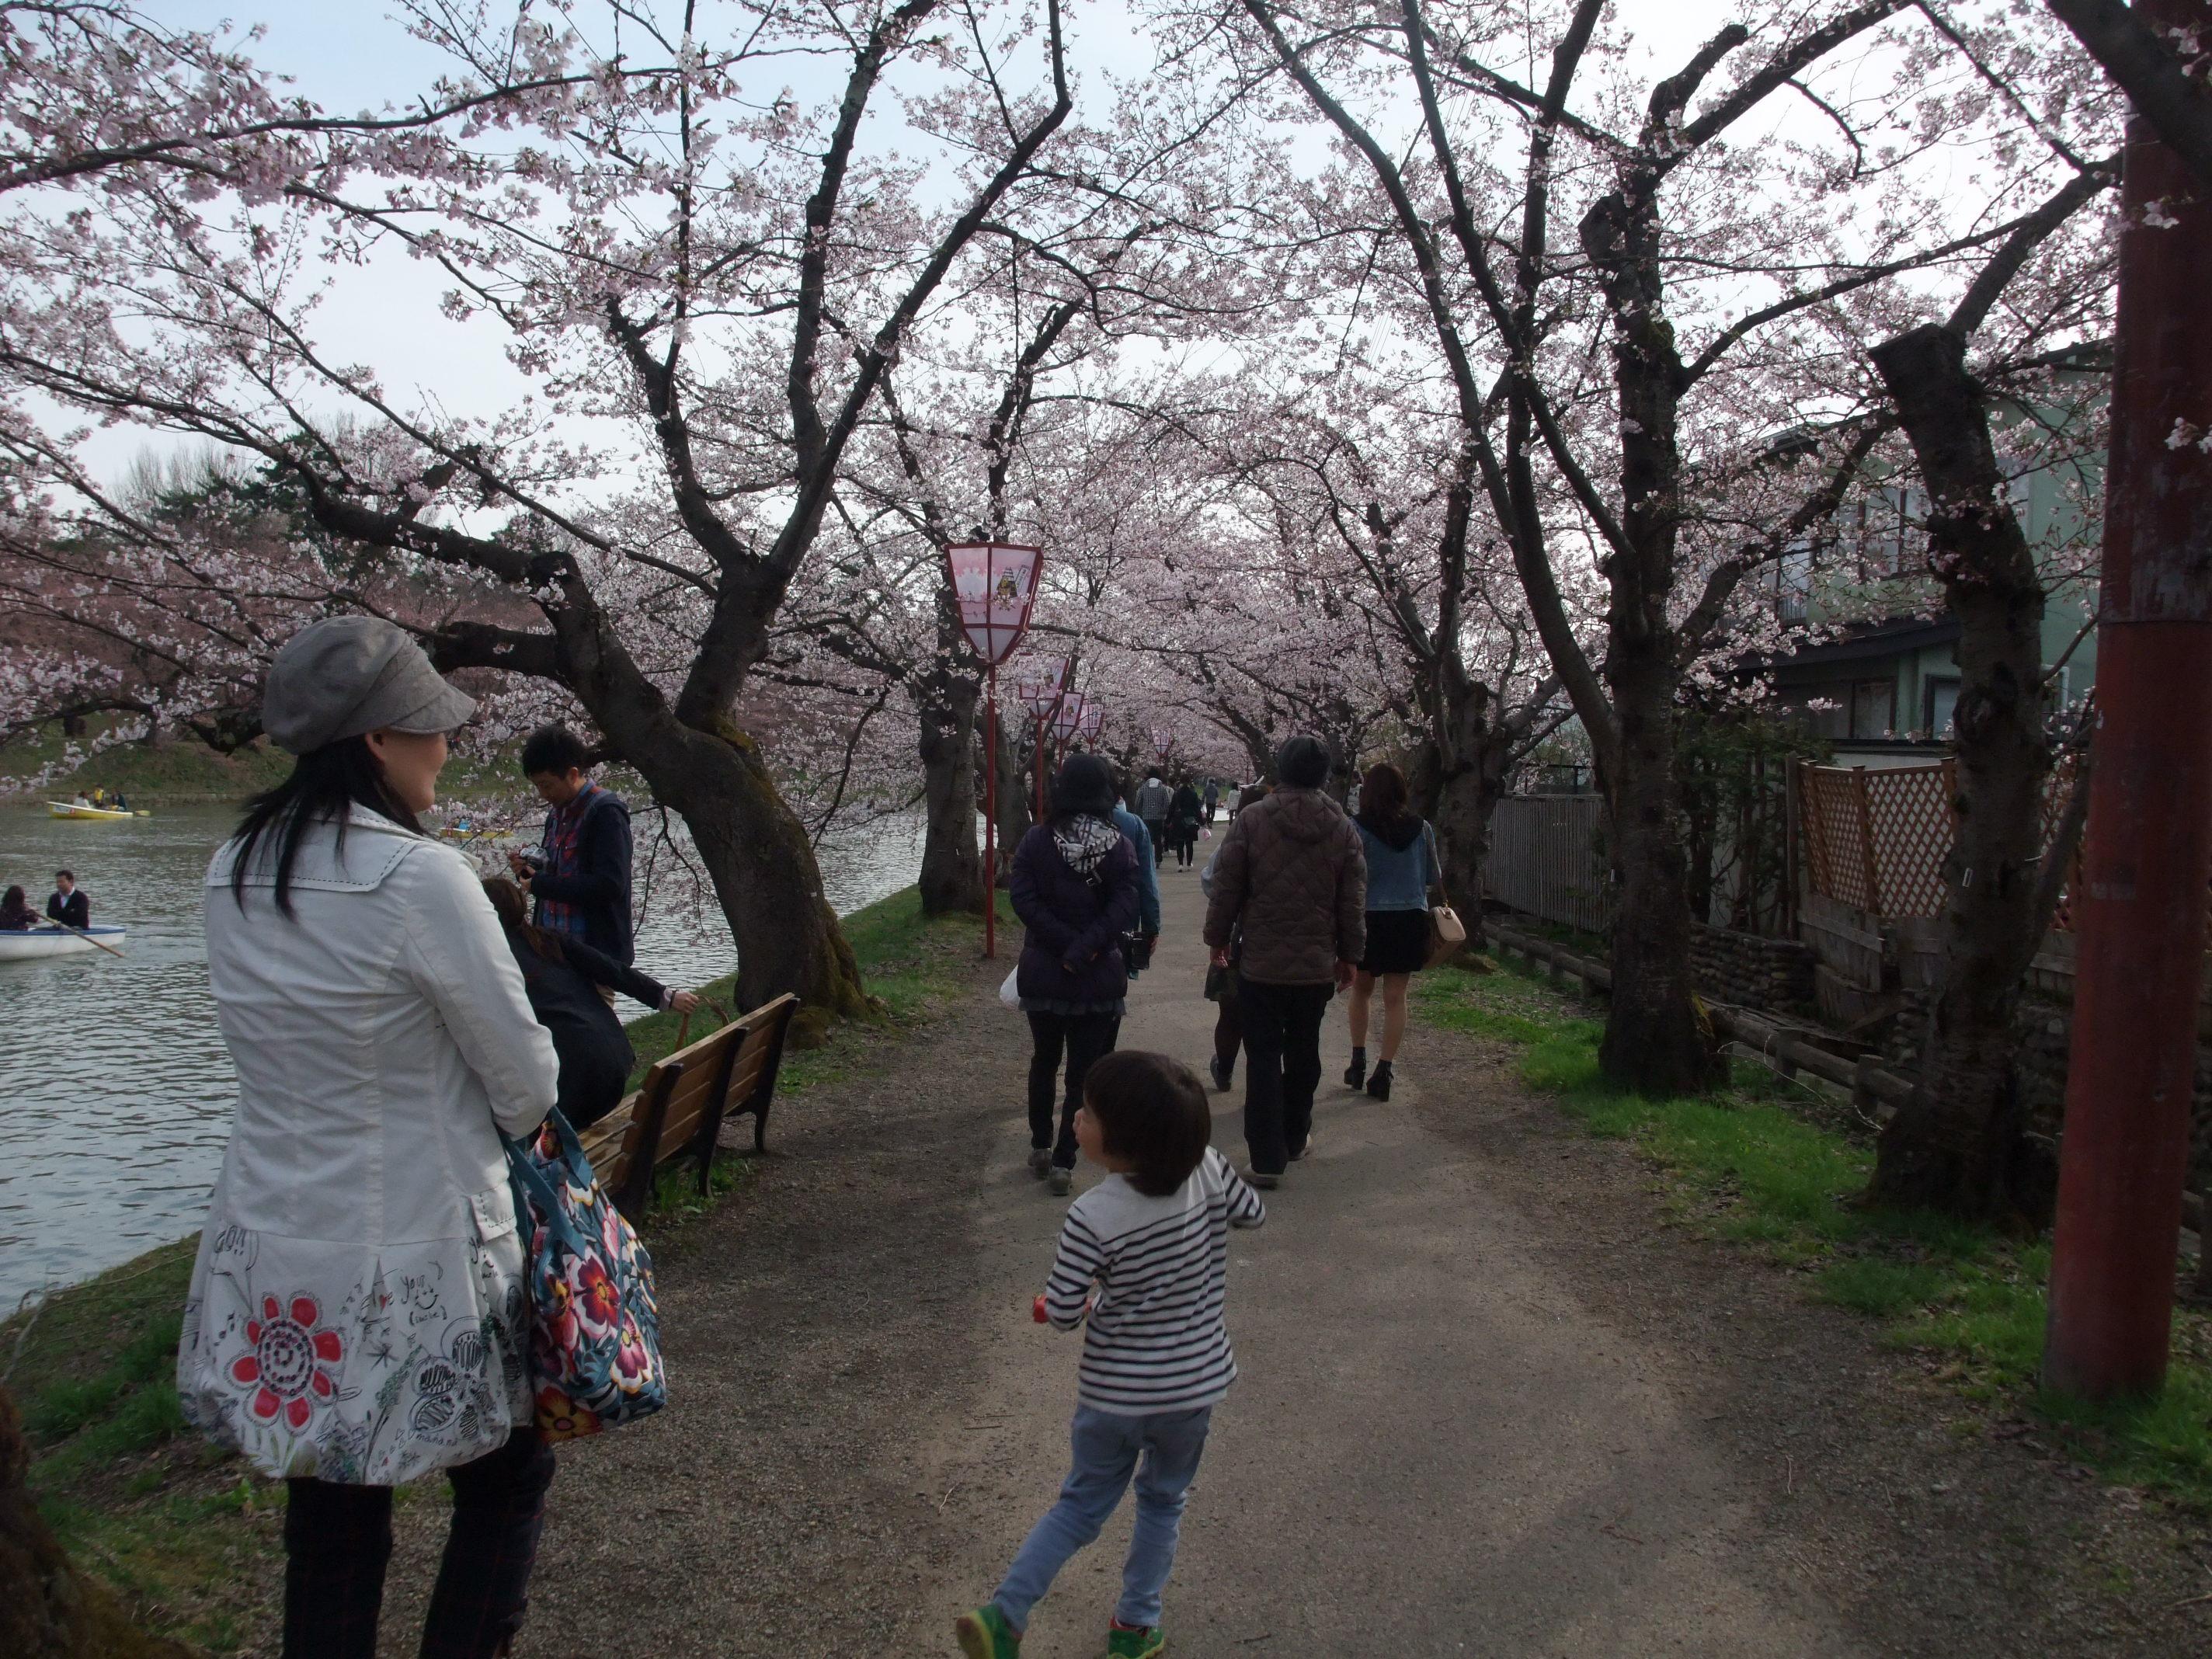 2015年4月19日の弘前城公園西堀付近